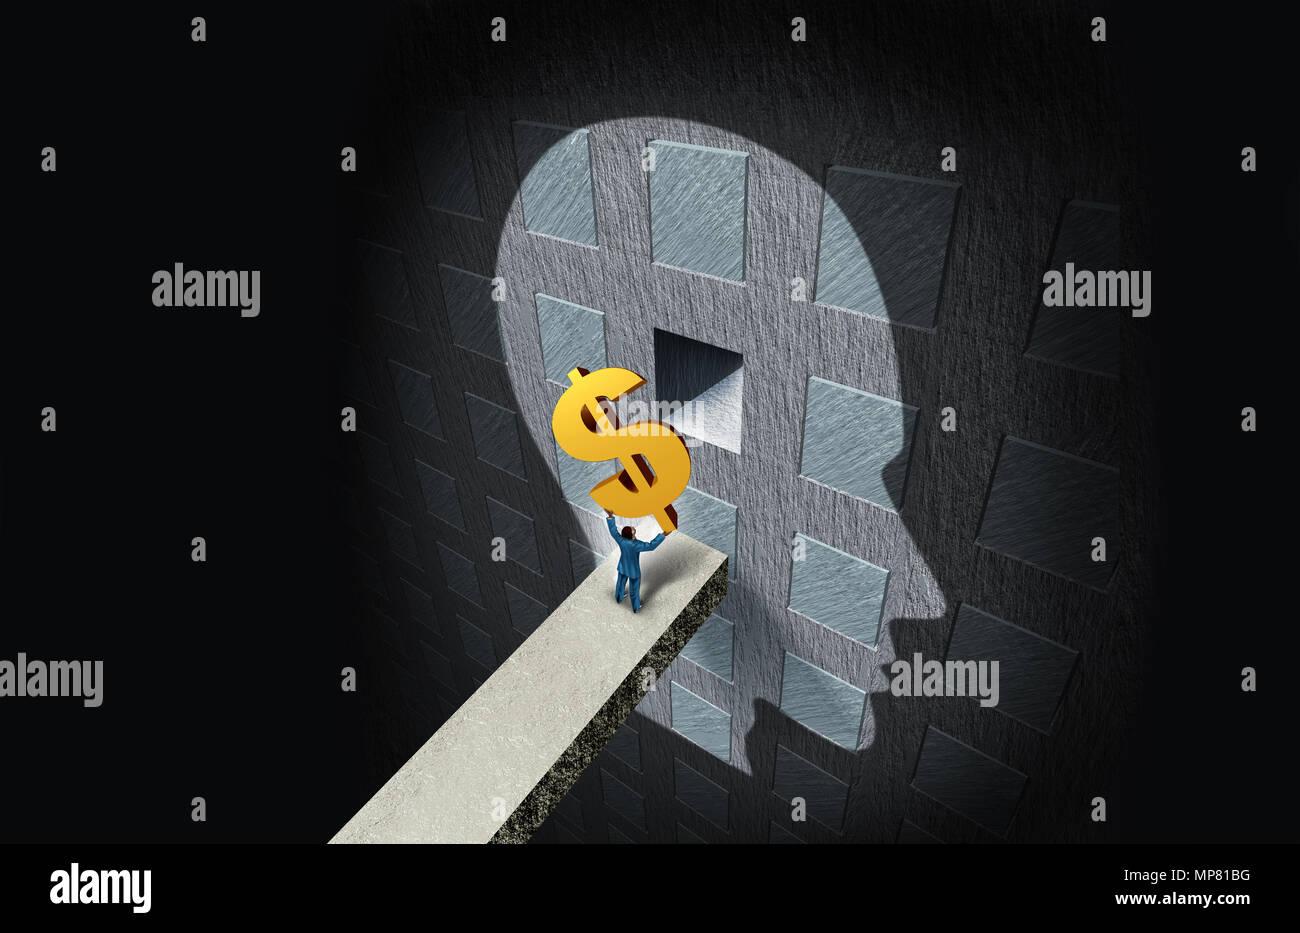 La psicologia di Business concept e la ricchezza di pensiero o educazione finanziaria e della psichiatria o psicologo tasse simbolo con 3D'illustrazione degli elementi. Immagini Stock